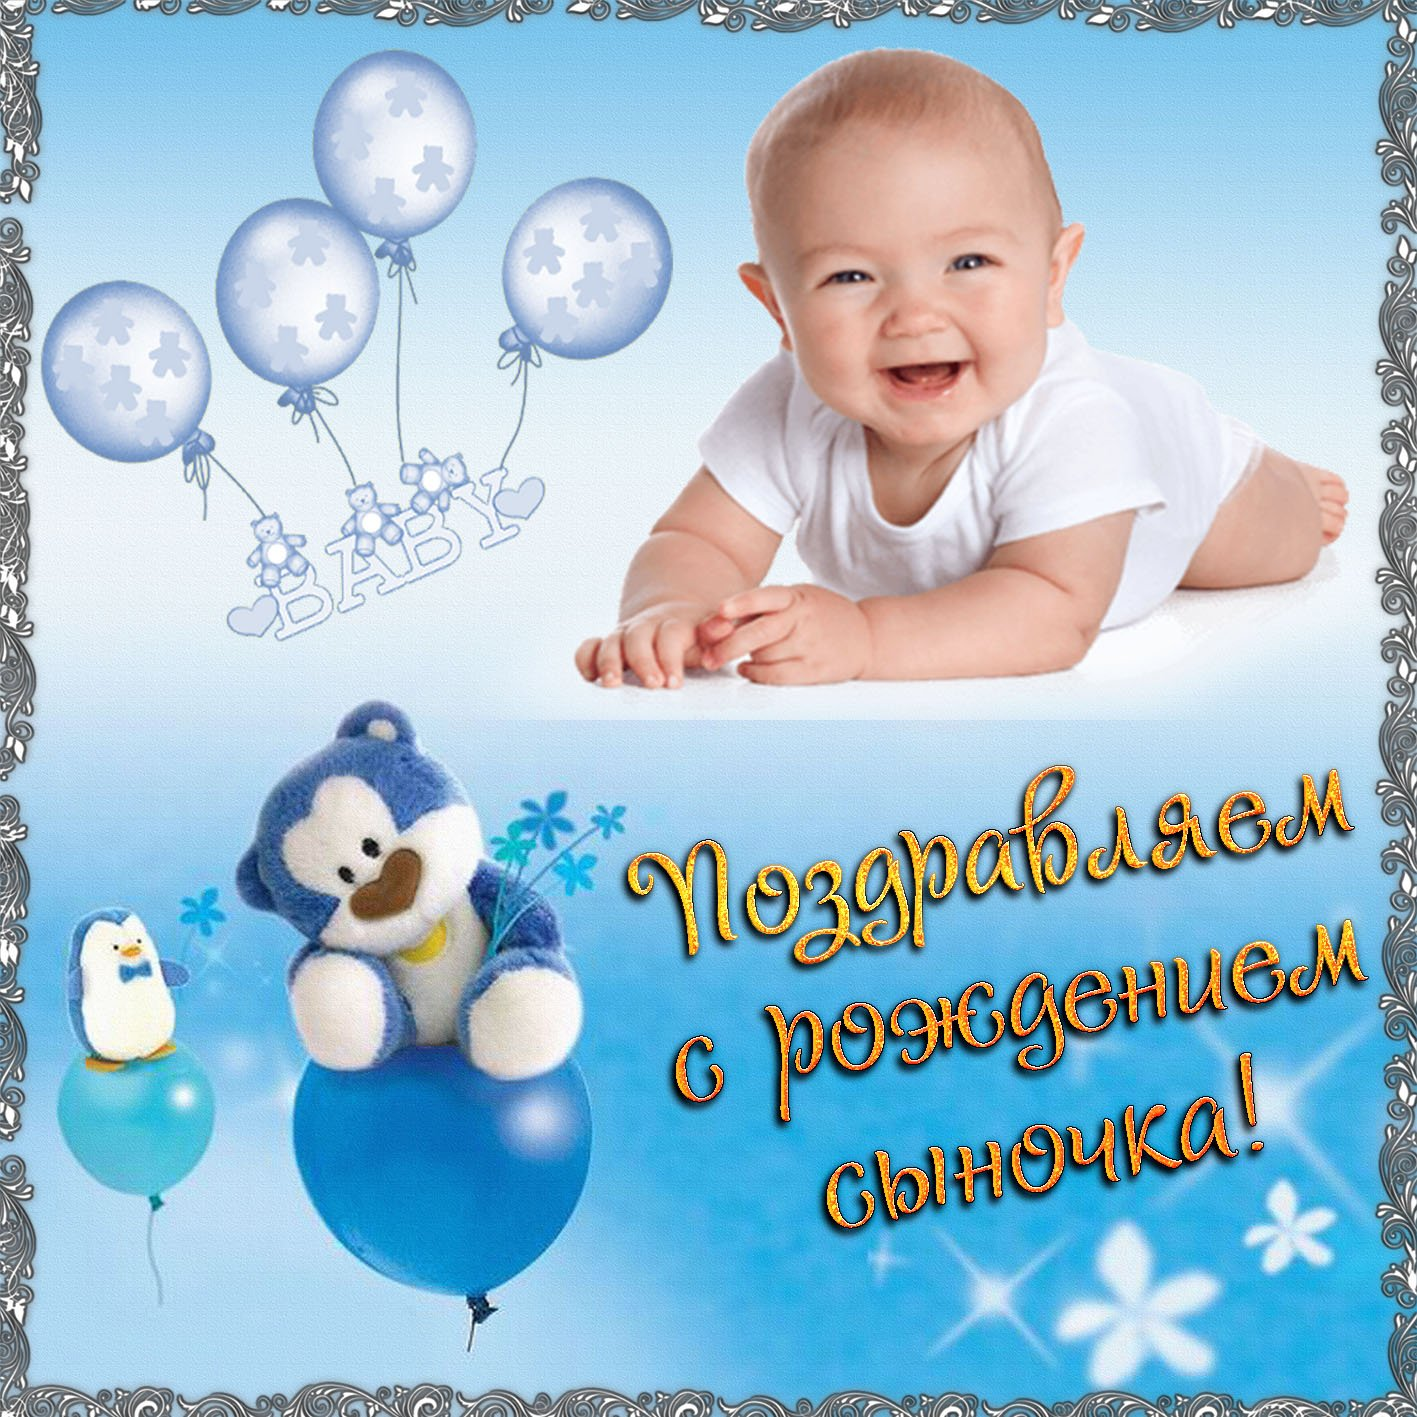 Картинки с рождением сына вк, надписями смыслом